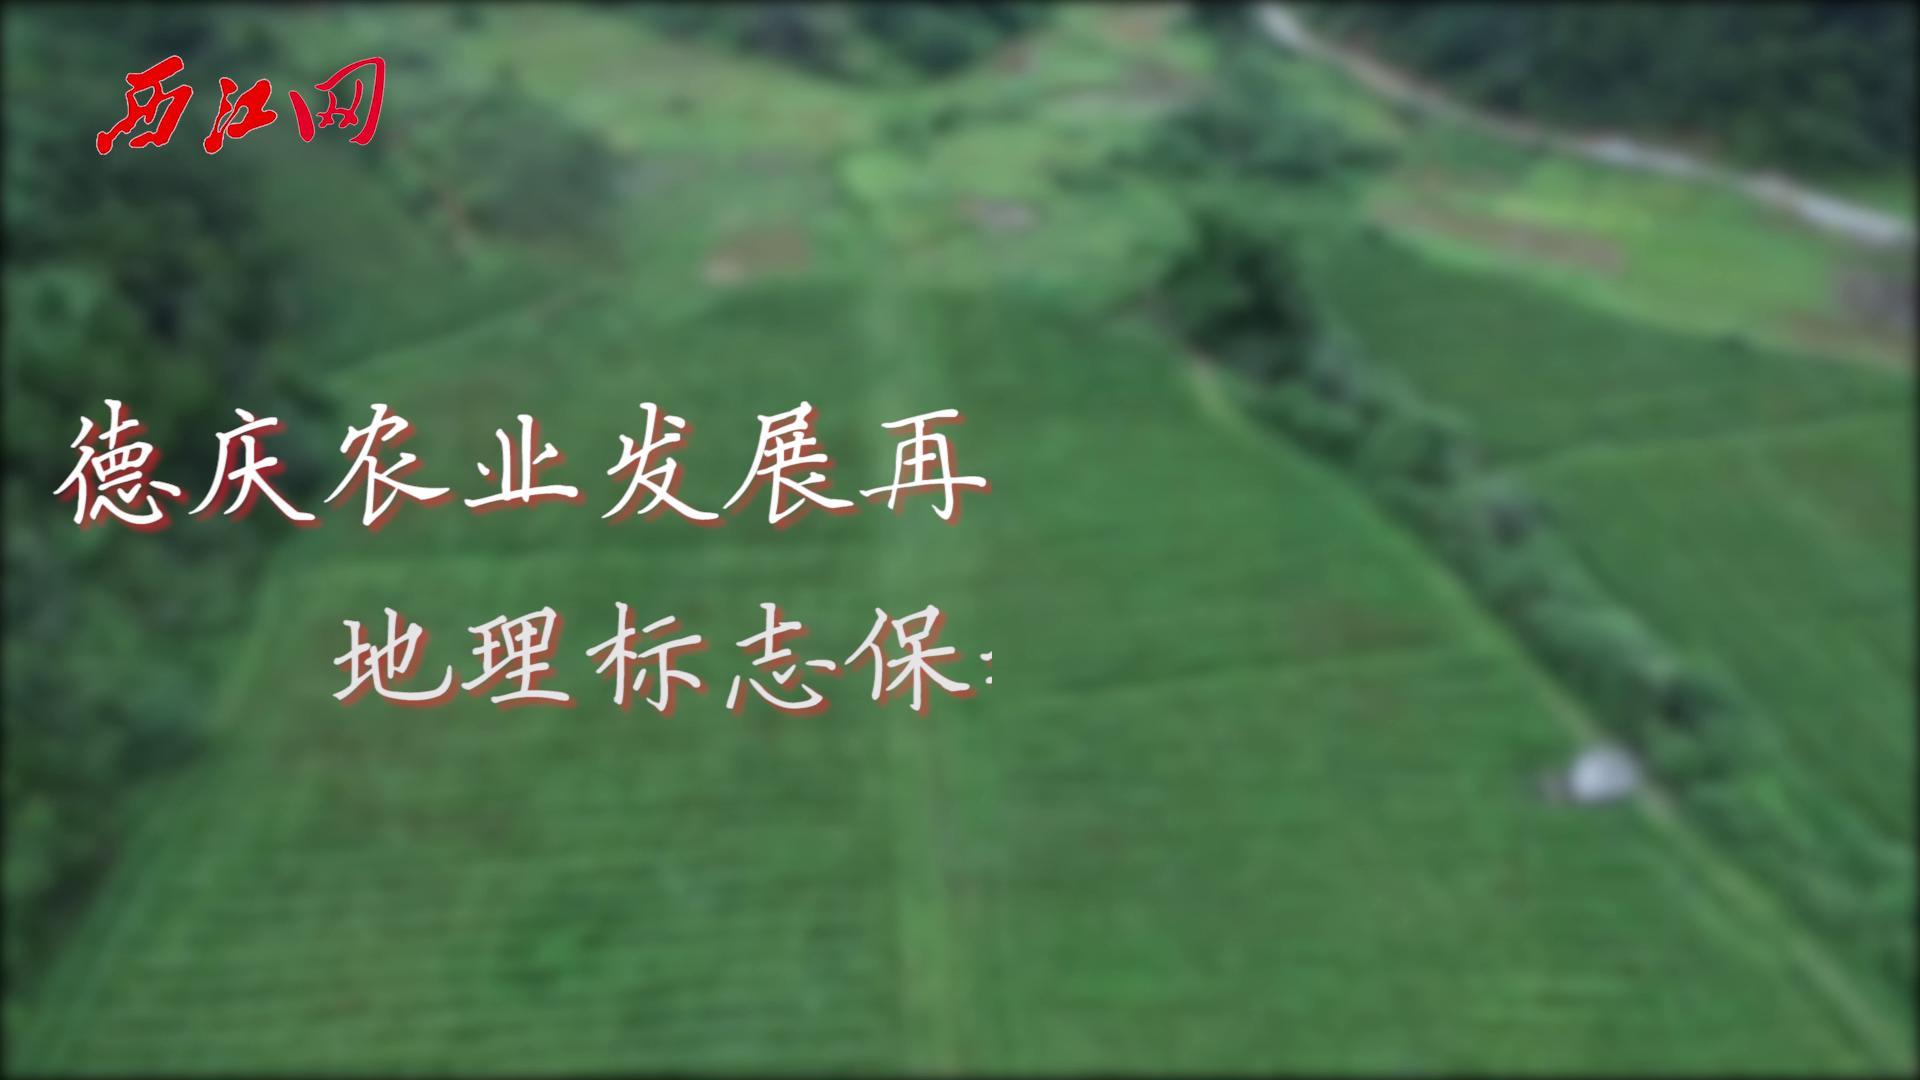 德慶農業發展再獲殊榮 地理標志保護助推南藥發展